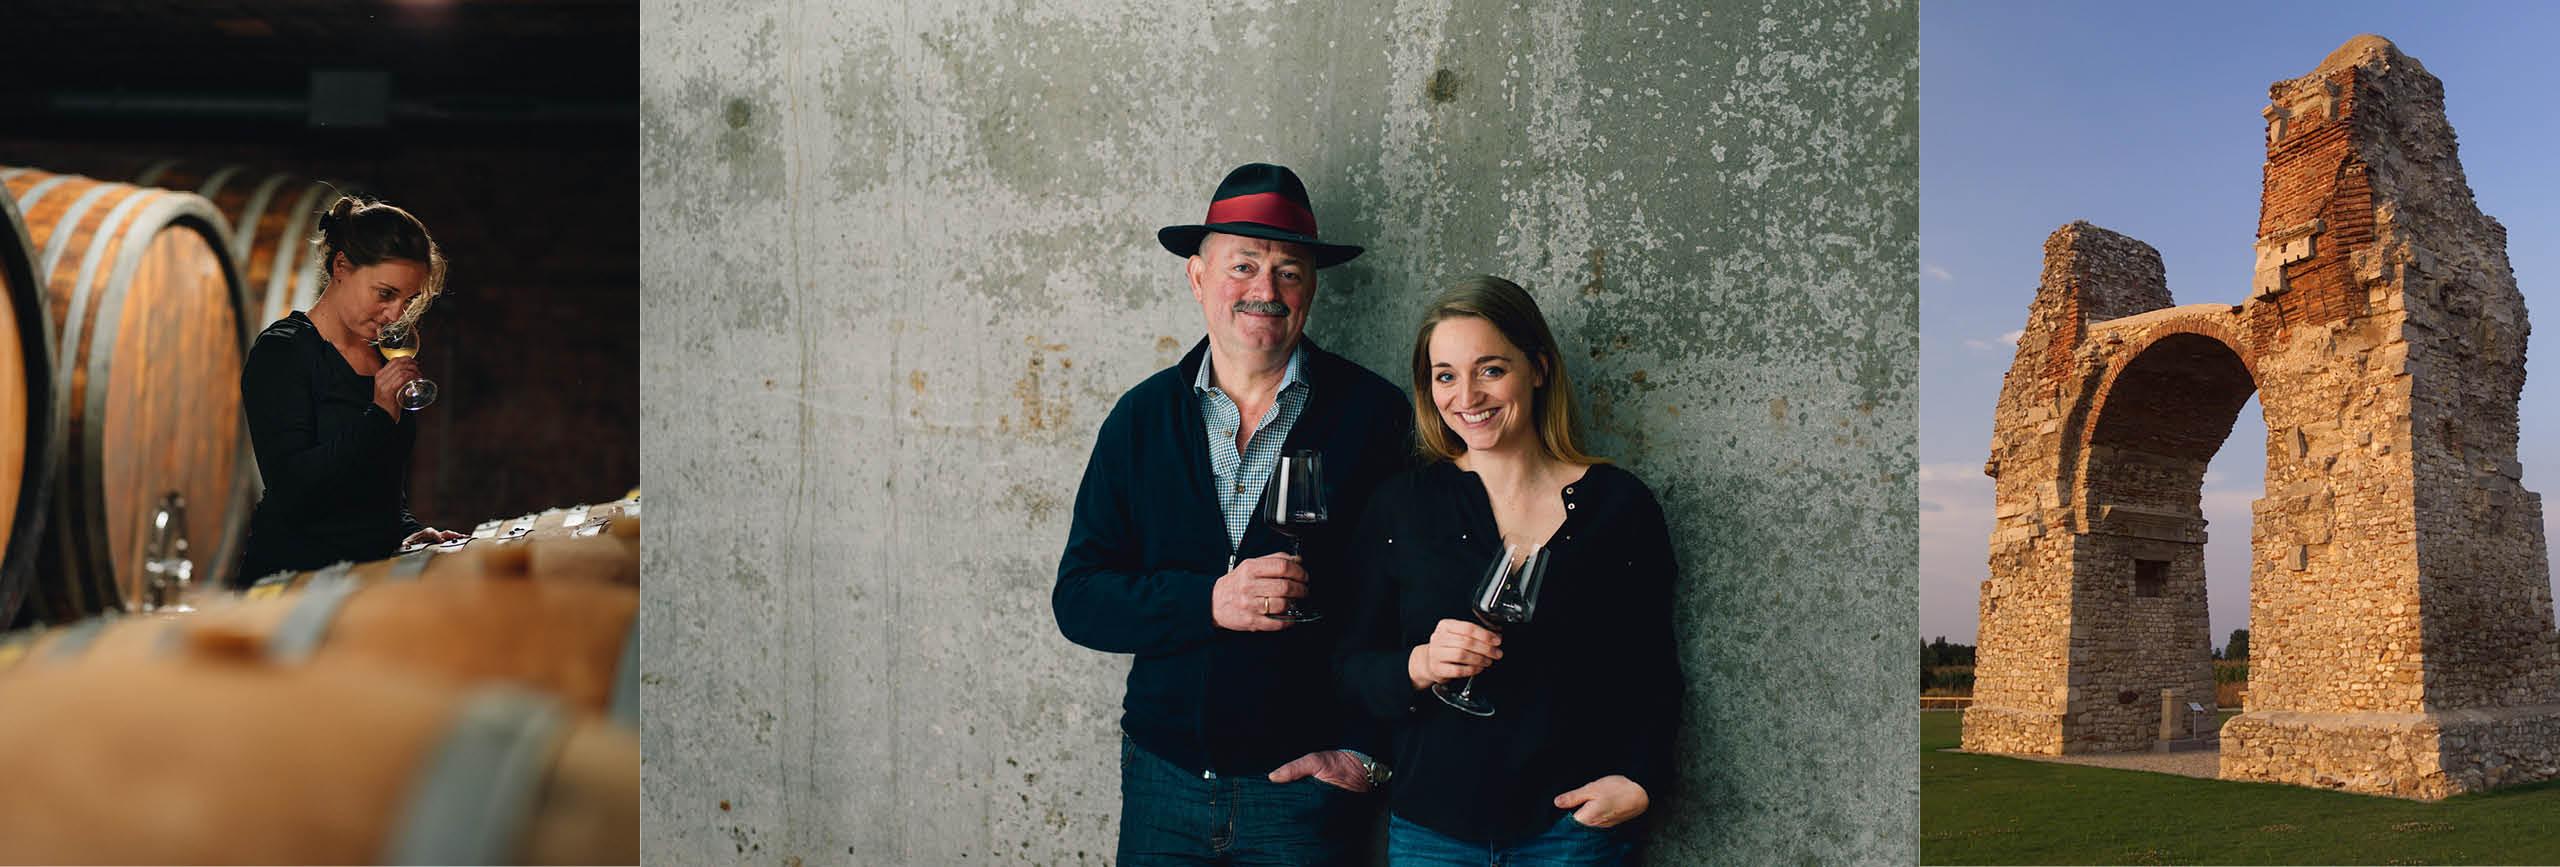 Carnuntum-Kennenlernpaket vom Weingut Netzl